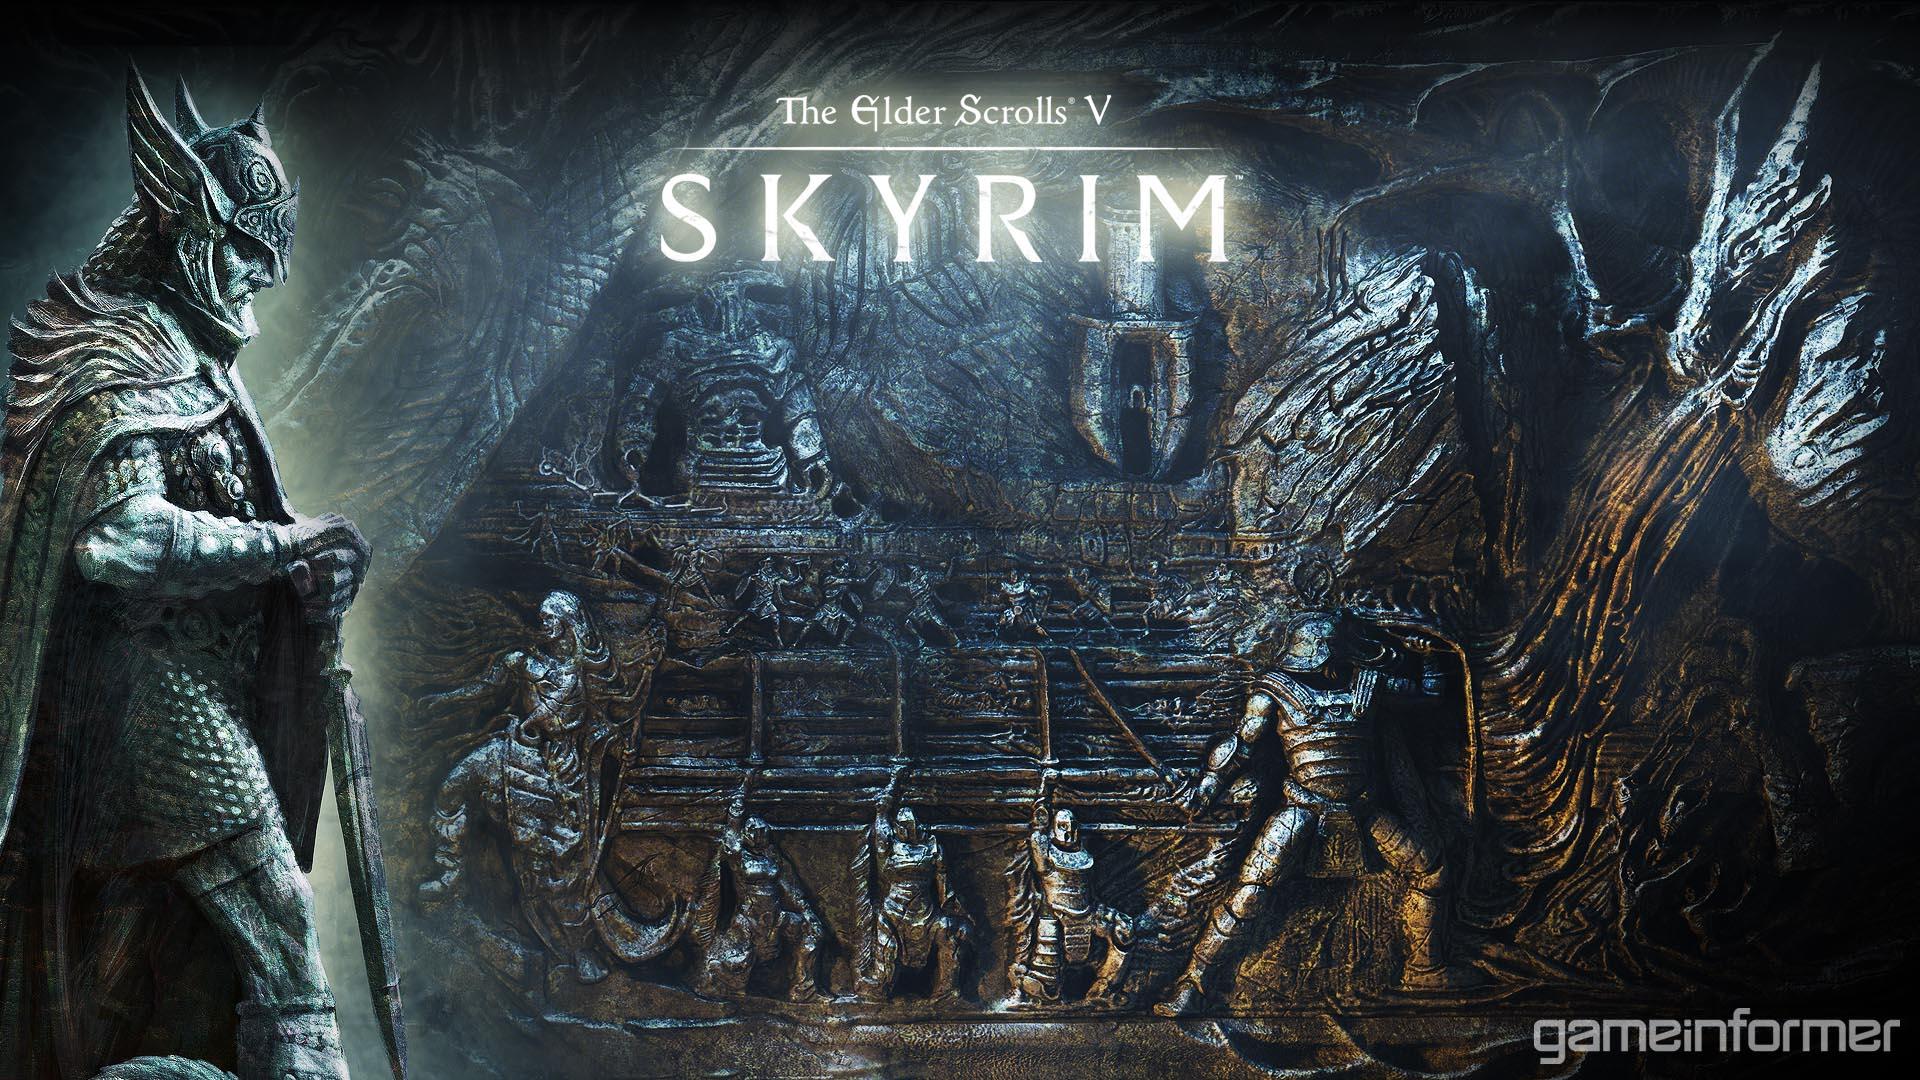 1Skyrim-Wallpapers-elder-scrolls-v-skyrim-27742102-1920-1080.jpg